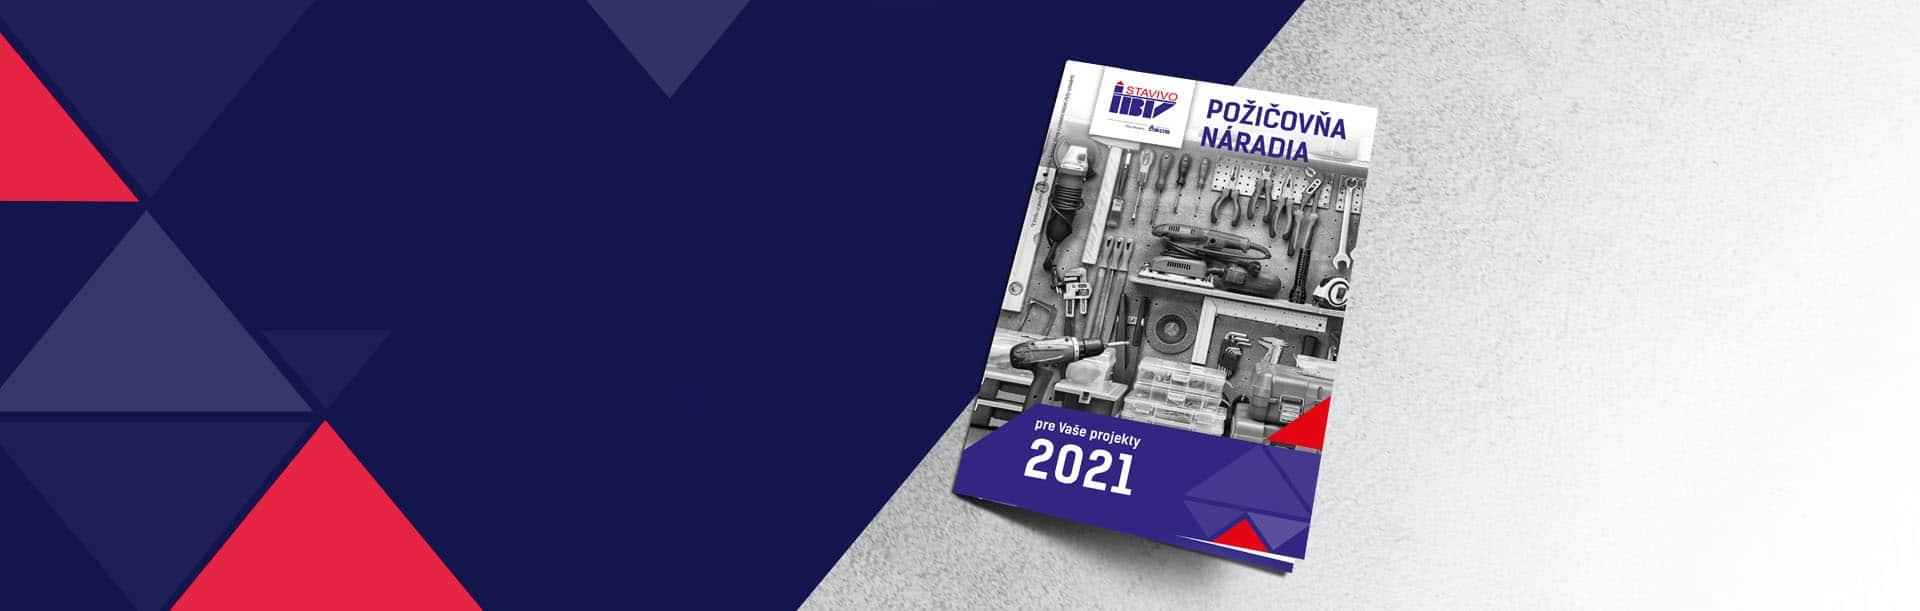 ibv - pozicovna 2021 1 - Domov